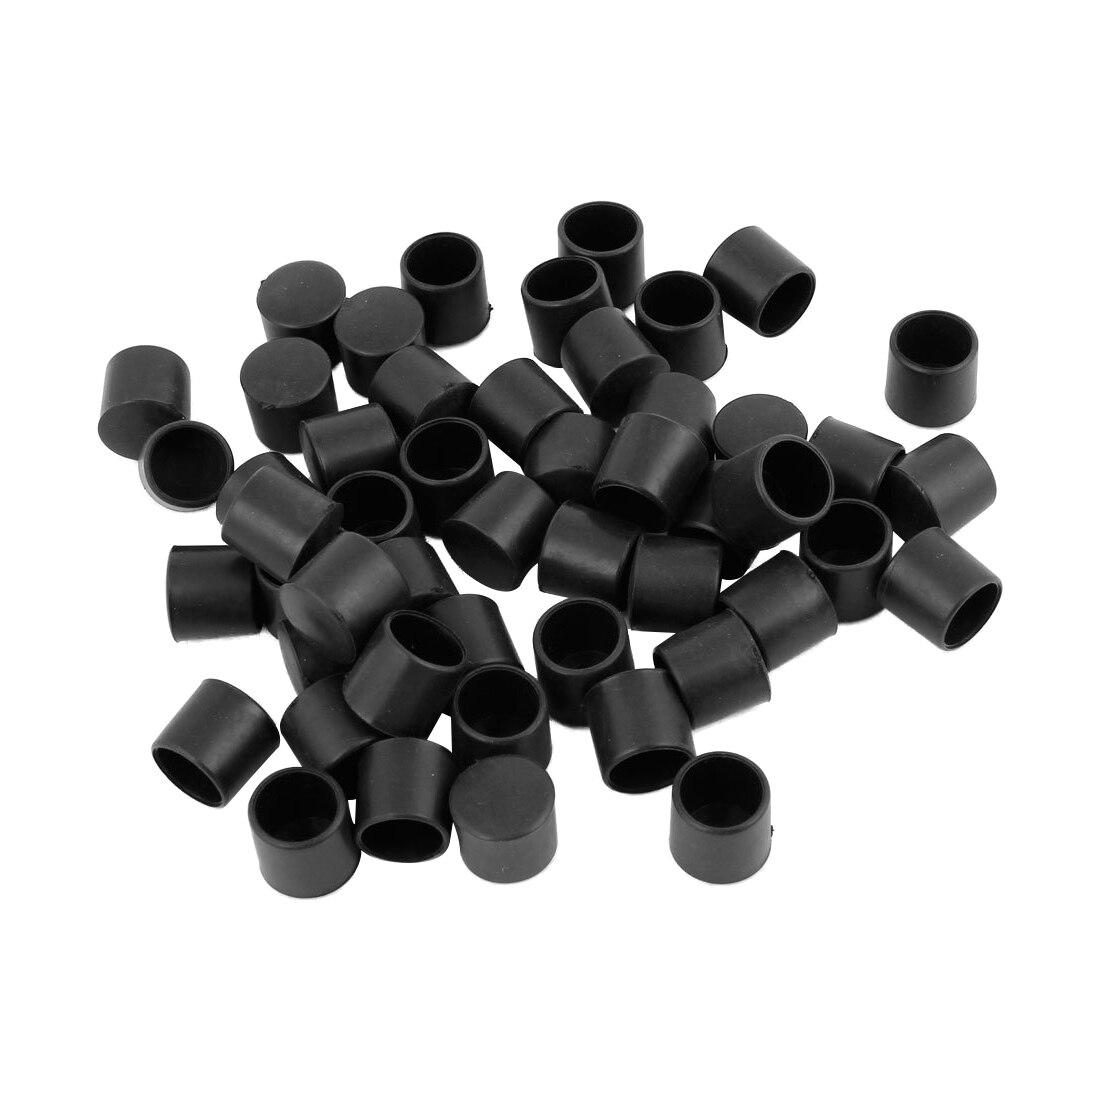 50 шт. черный резиновый ПВХ гибкий круглый конец с круглыми шляпками 12 мм стопы крышка